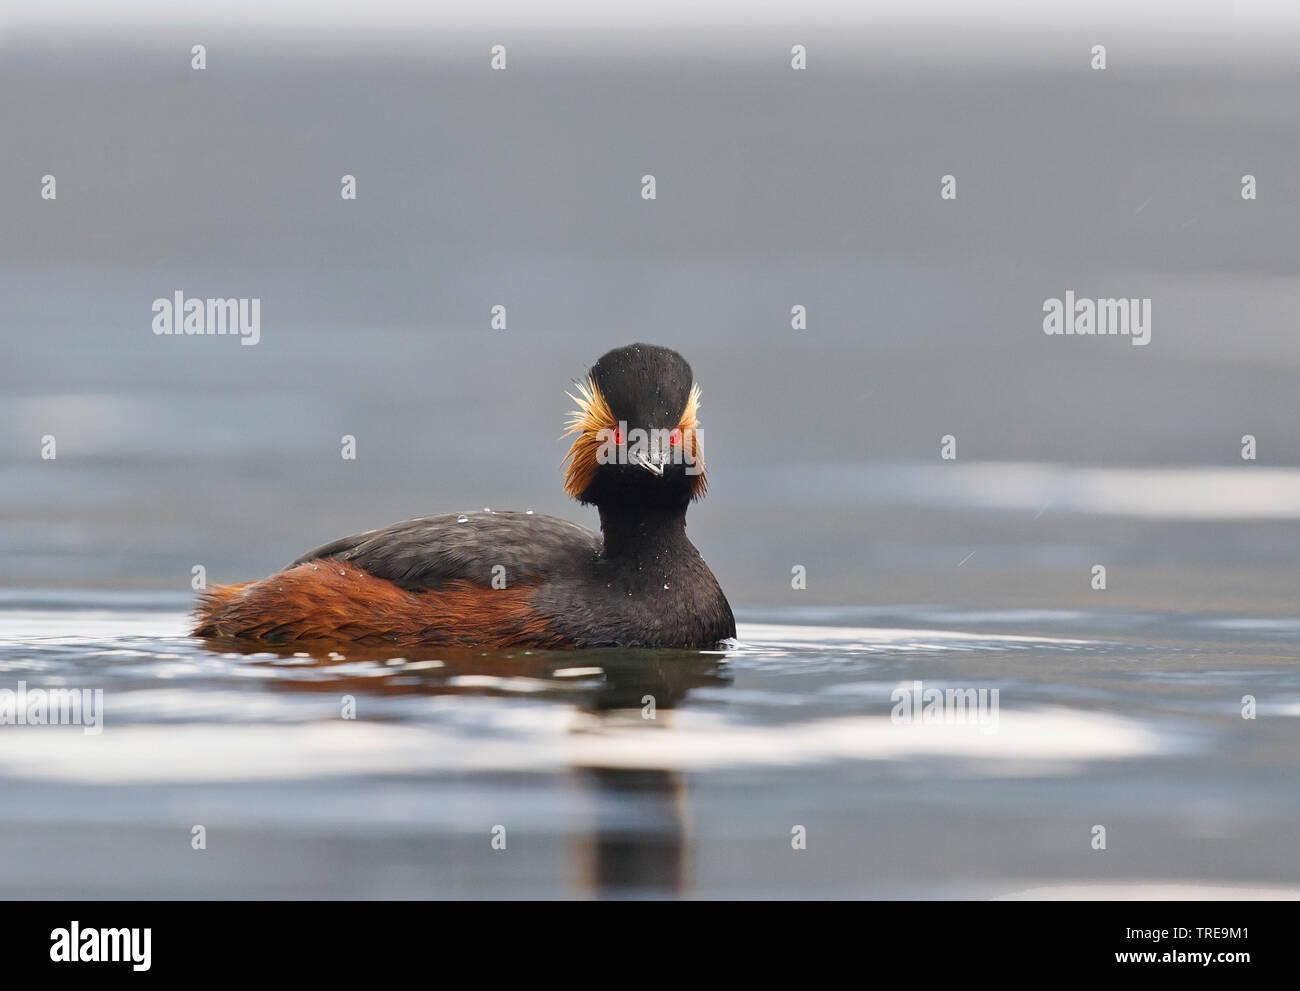 Schwarzhalstaucher, Schwarzhals-Taucher (Podiceps nigricollis), schwimmt im Sommerkleid, Italien | black-necked grebe (Podiceps nigricollis), swimming - Stock Image